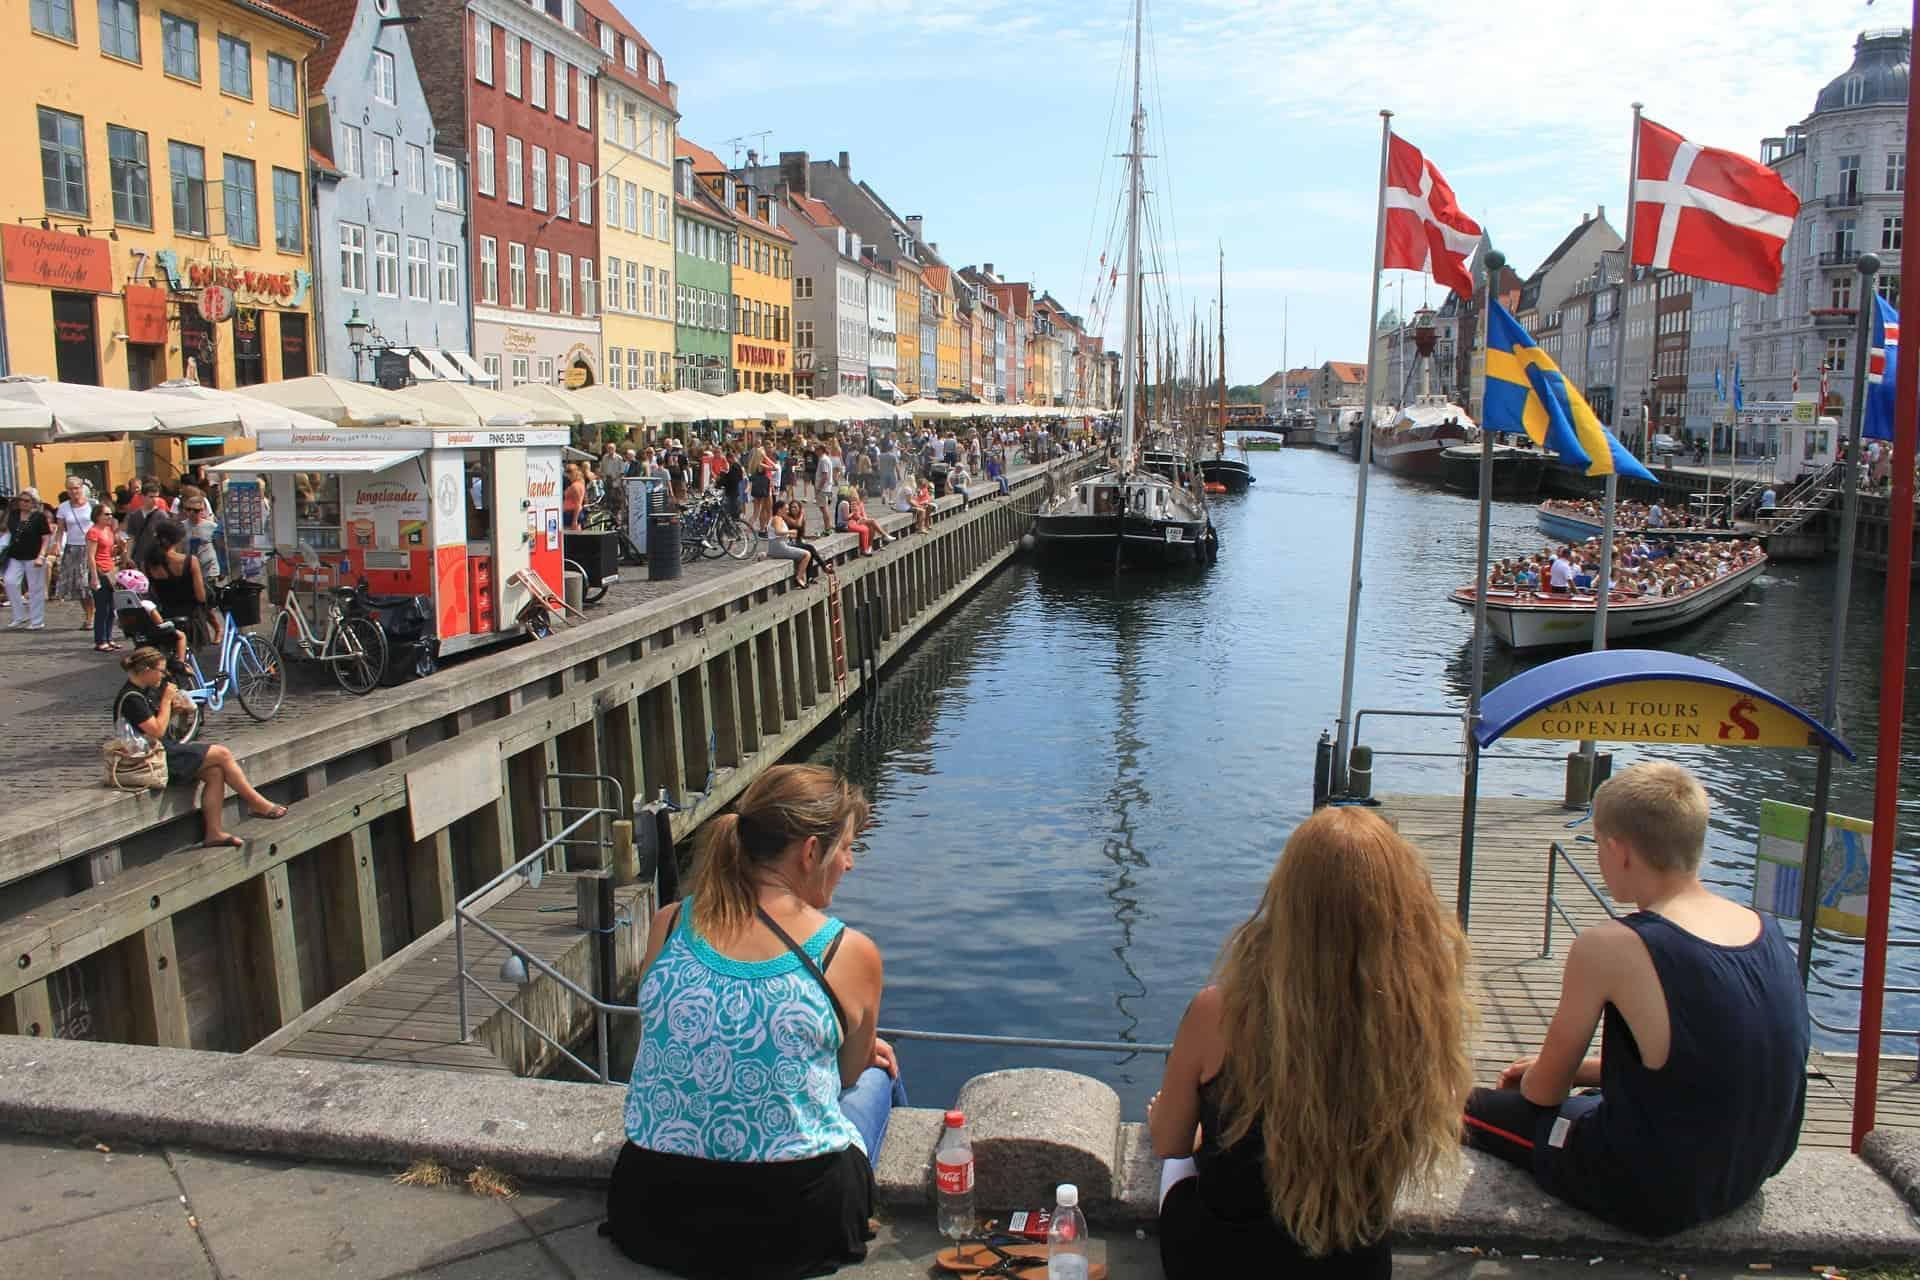 Kopenhagen Flüge 100% günstiger - ab 1,62€ Flug buchen